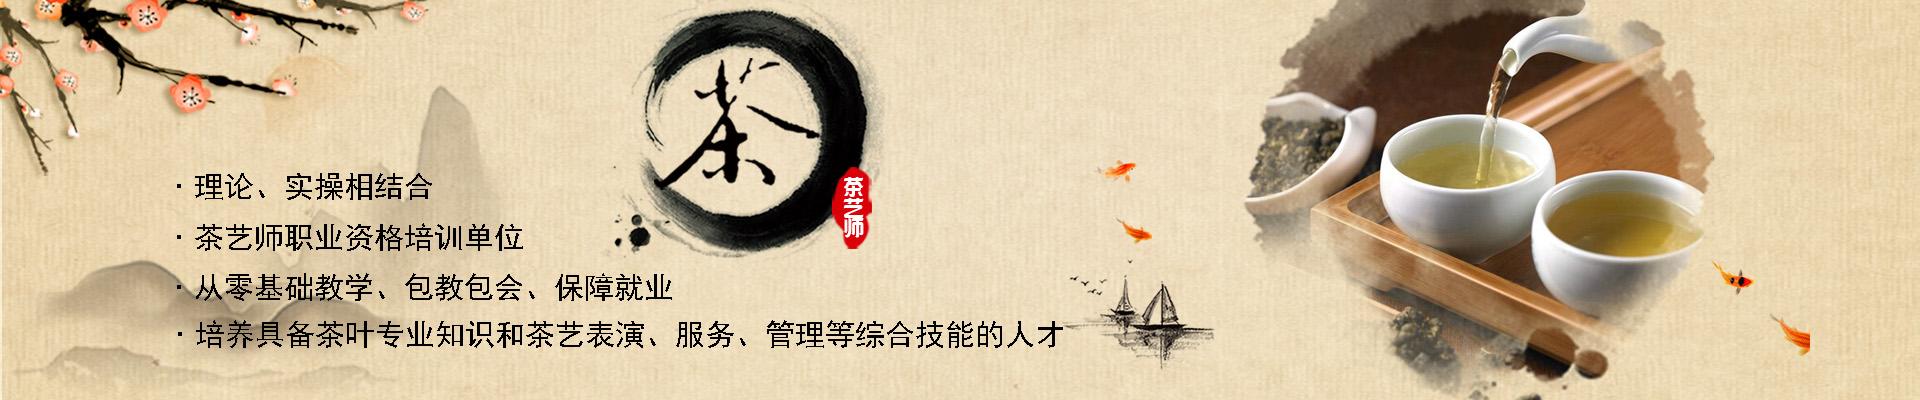 南京优尚茶艺